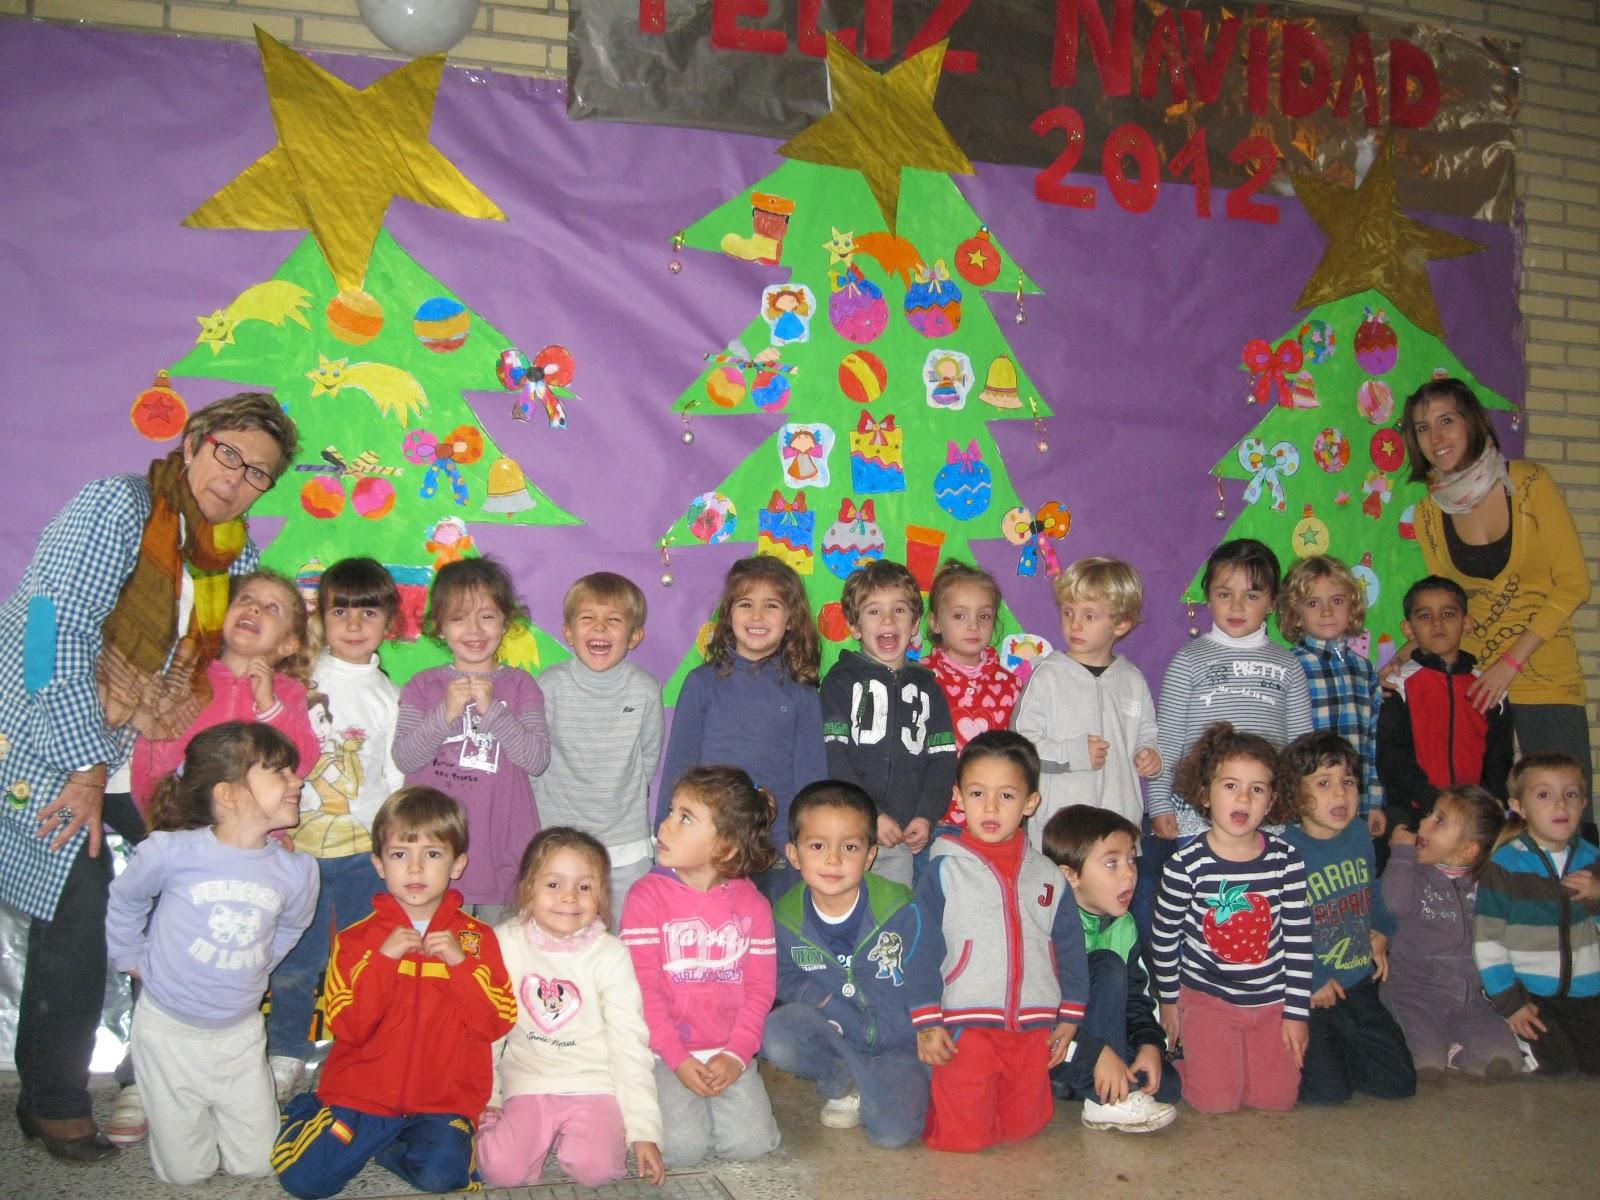 Blog de tercero diciembre 2012 for Mural navideno